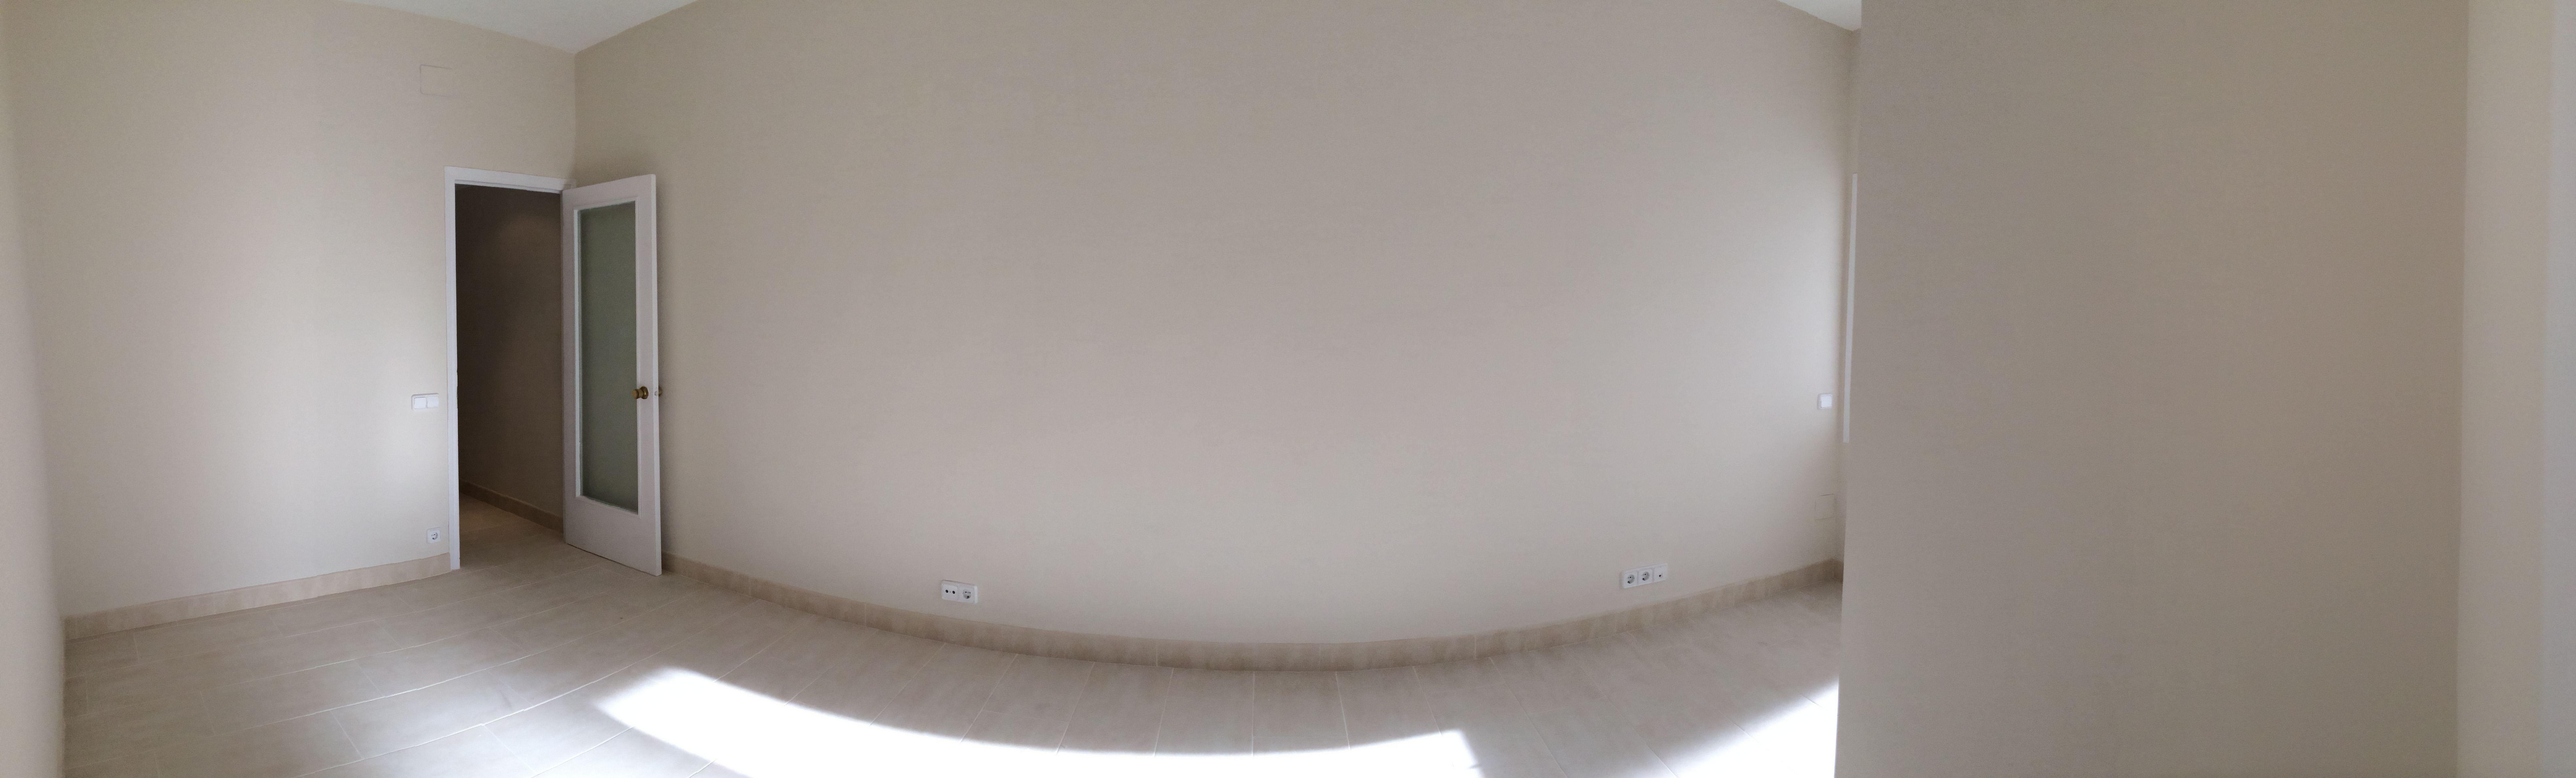 Reforma económica de un piso \u002D enladrillado y pintura